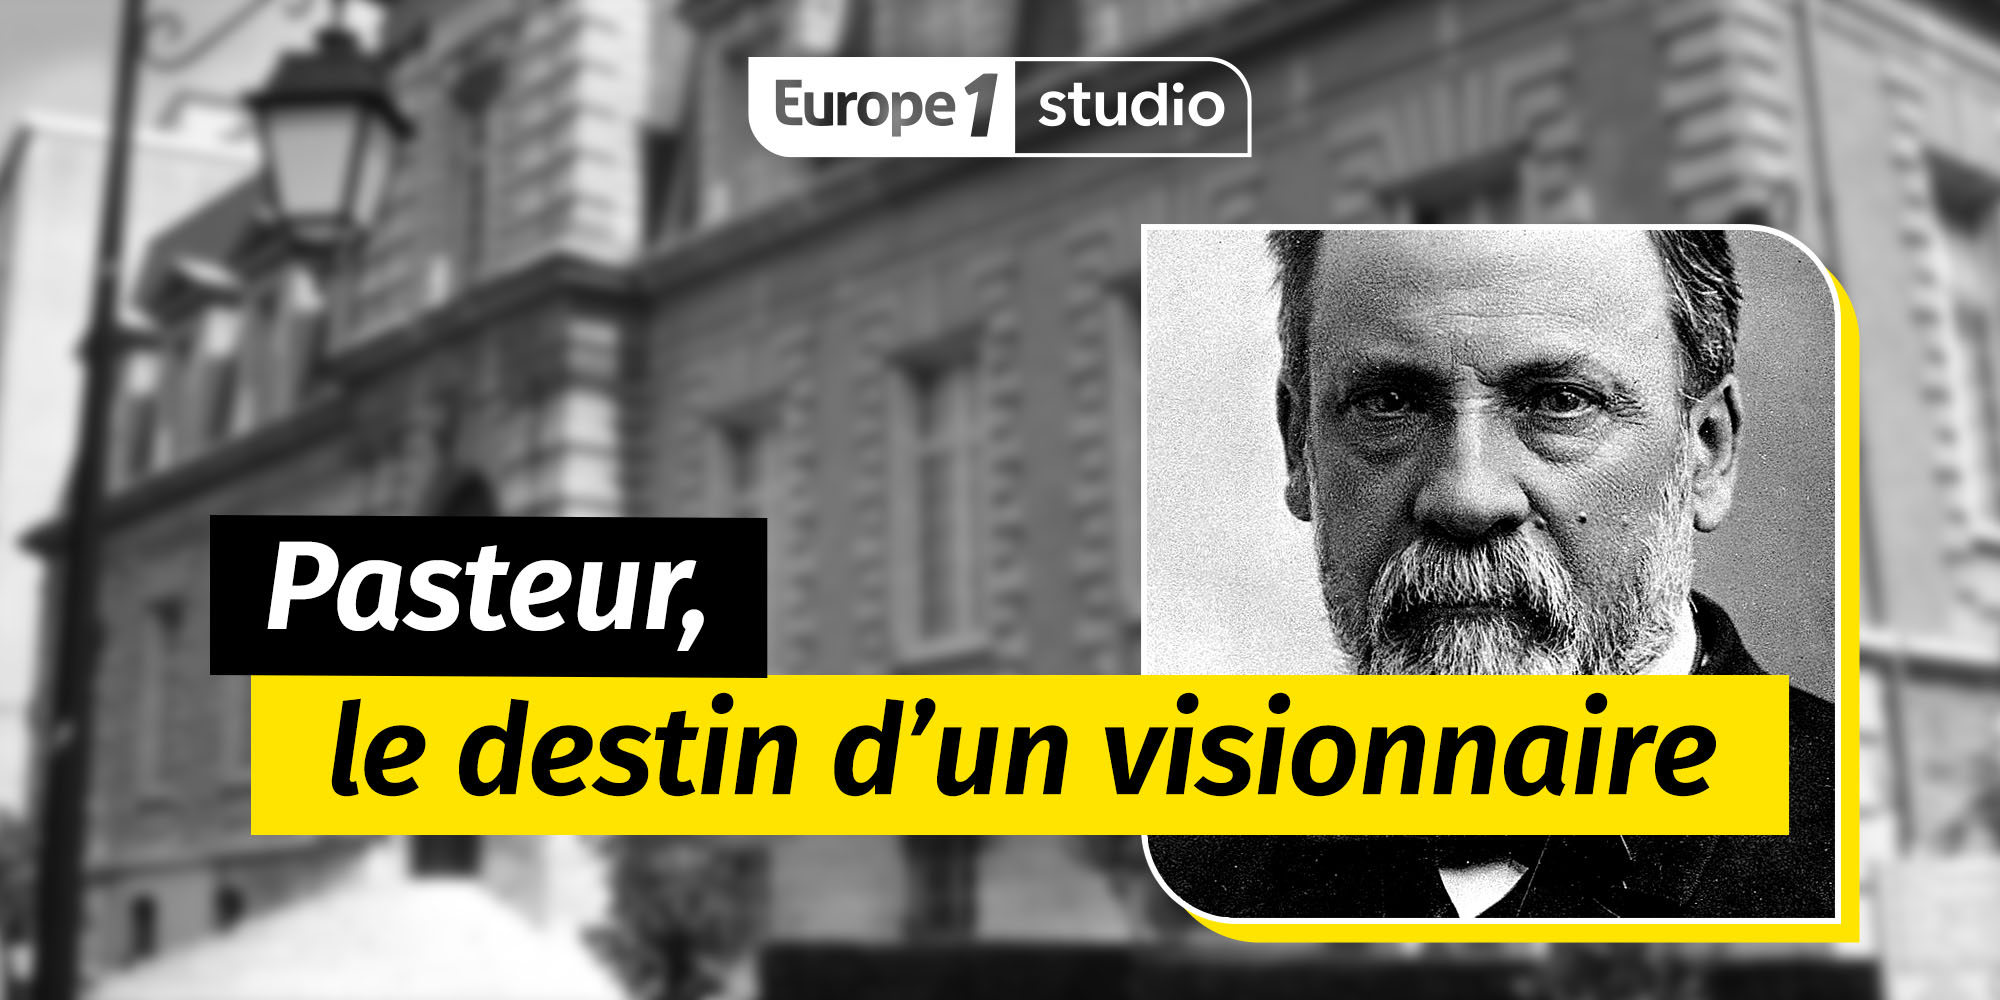 Pasteur, l'extraordinaire destin de l'inventeur du vaccin contre la rage